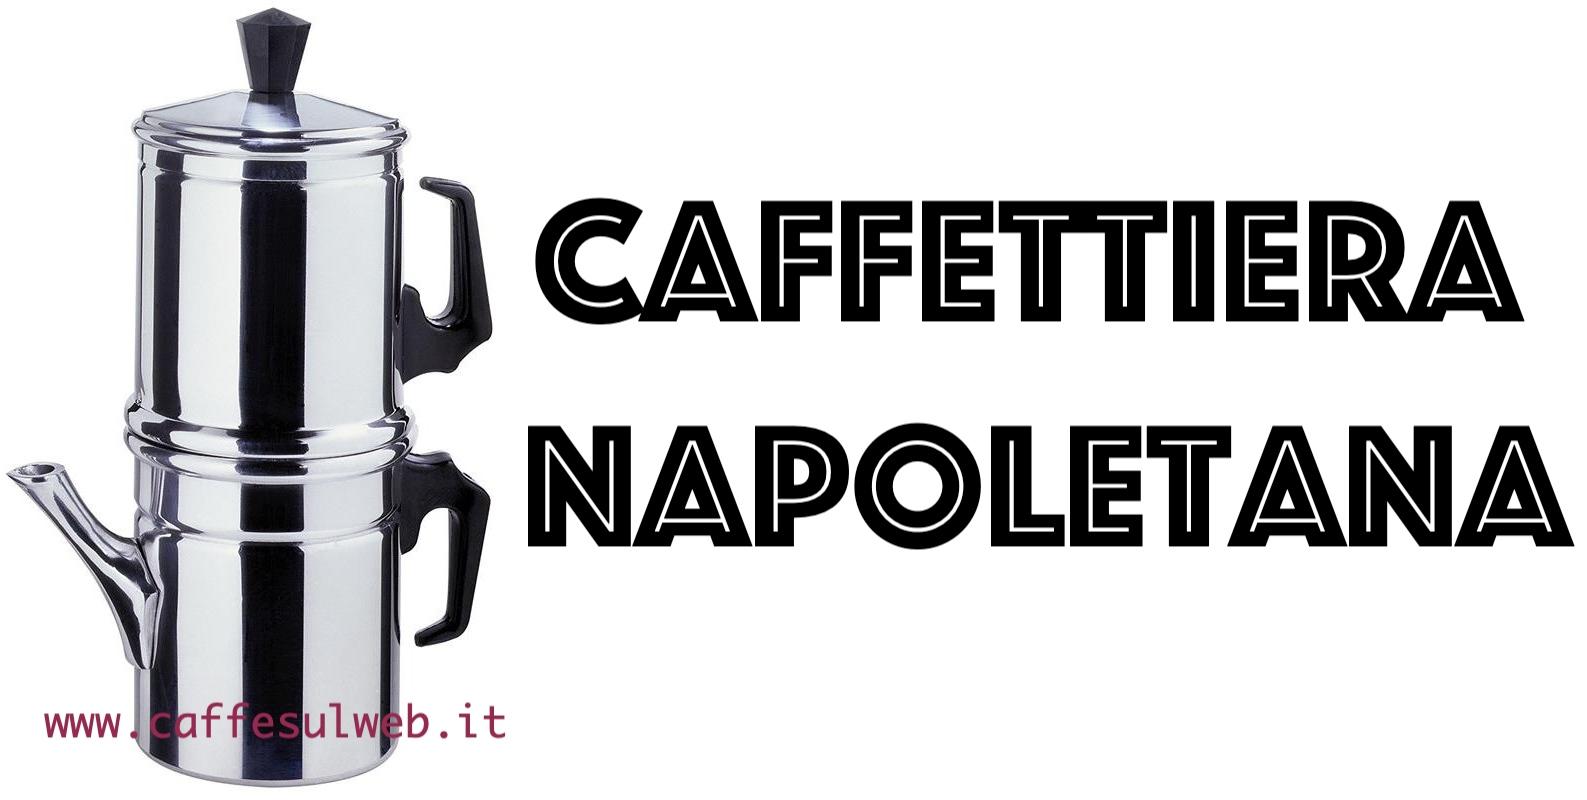 La caffettiera Napoletana cuccumella recensione opinione prezzo